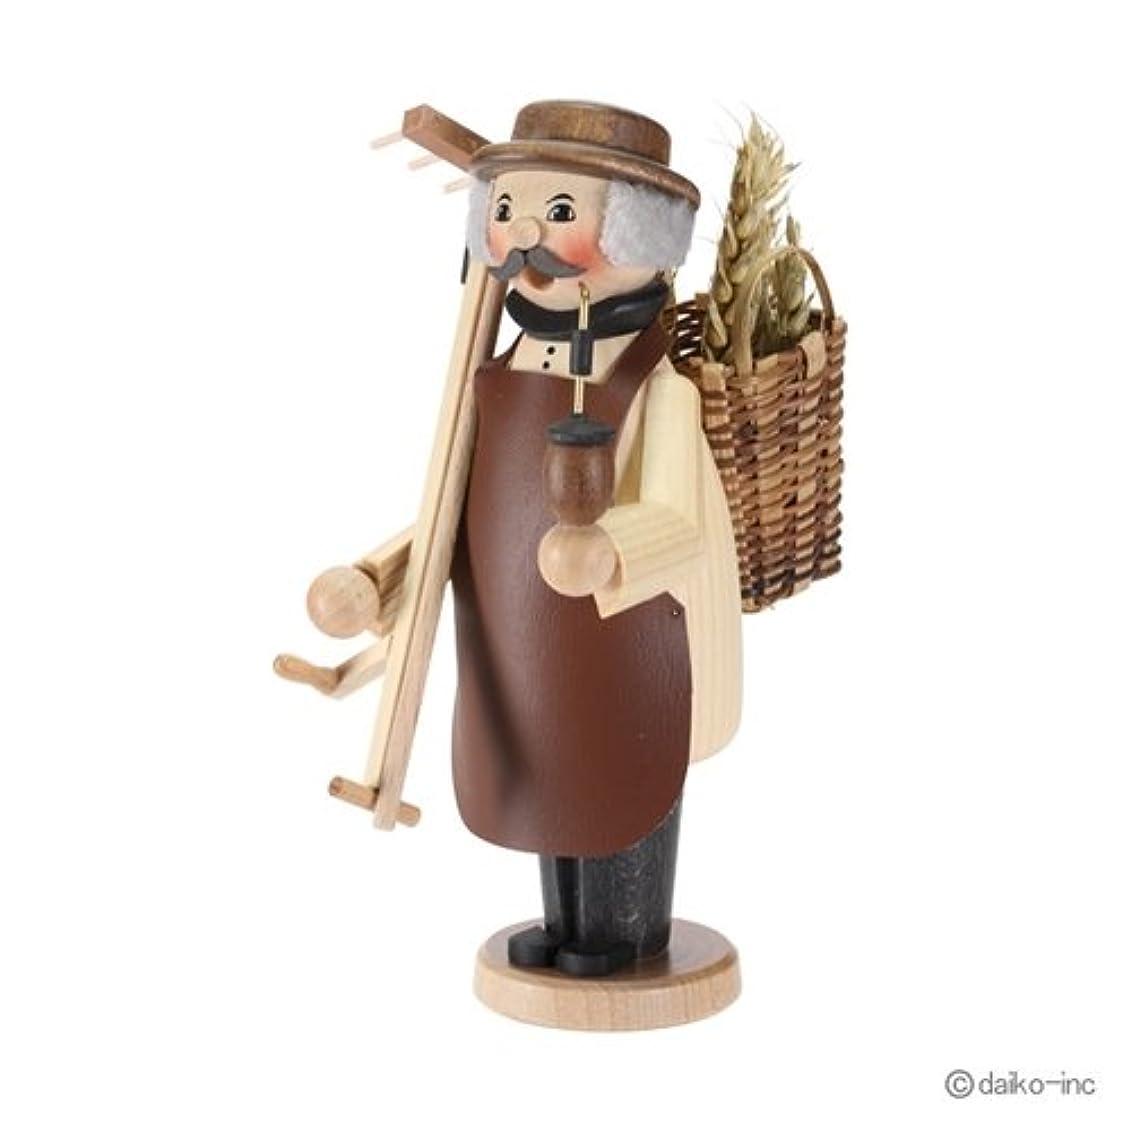 人物粗いオープナークーネルト kuhnert ミニパイプ人形香炉 農夫